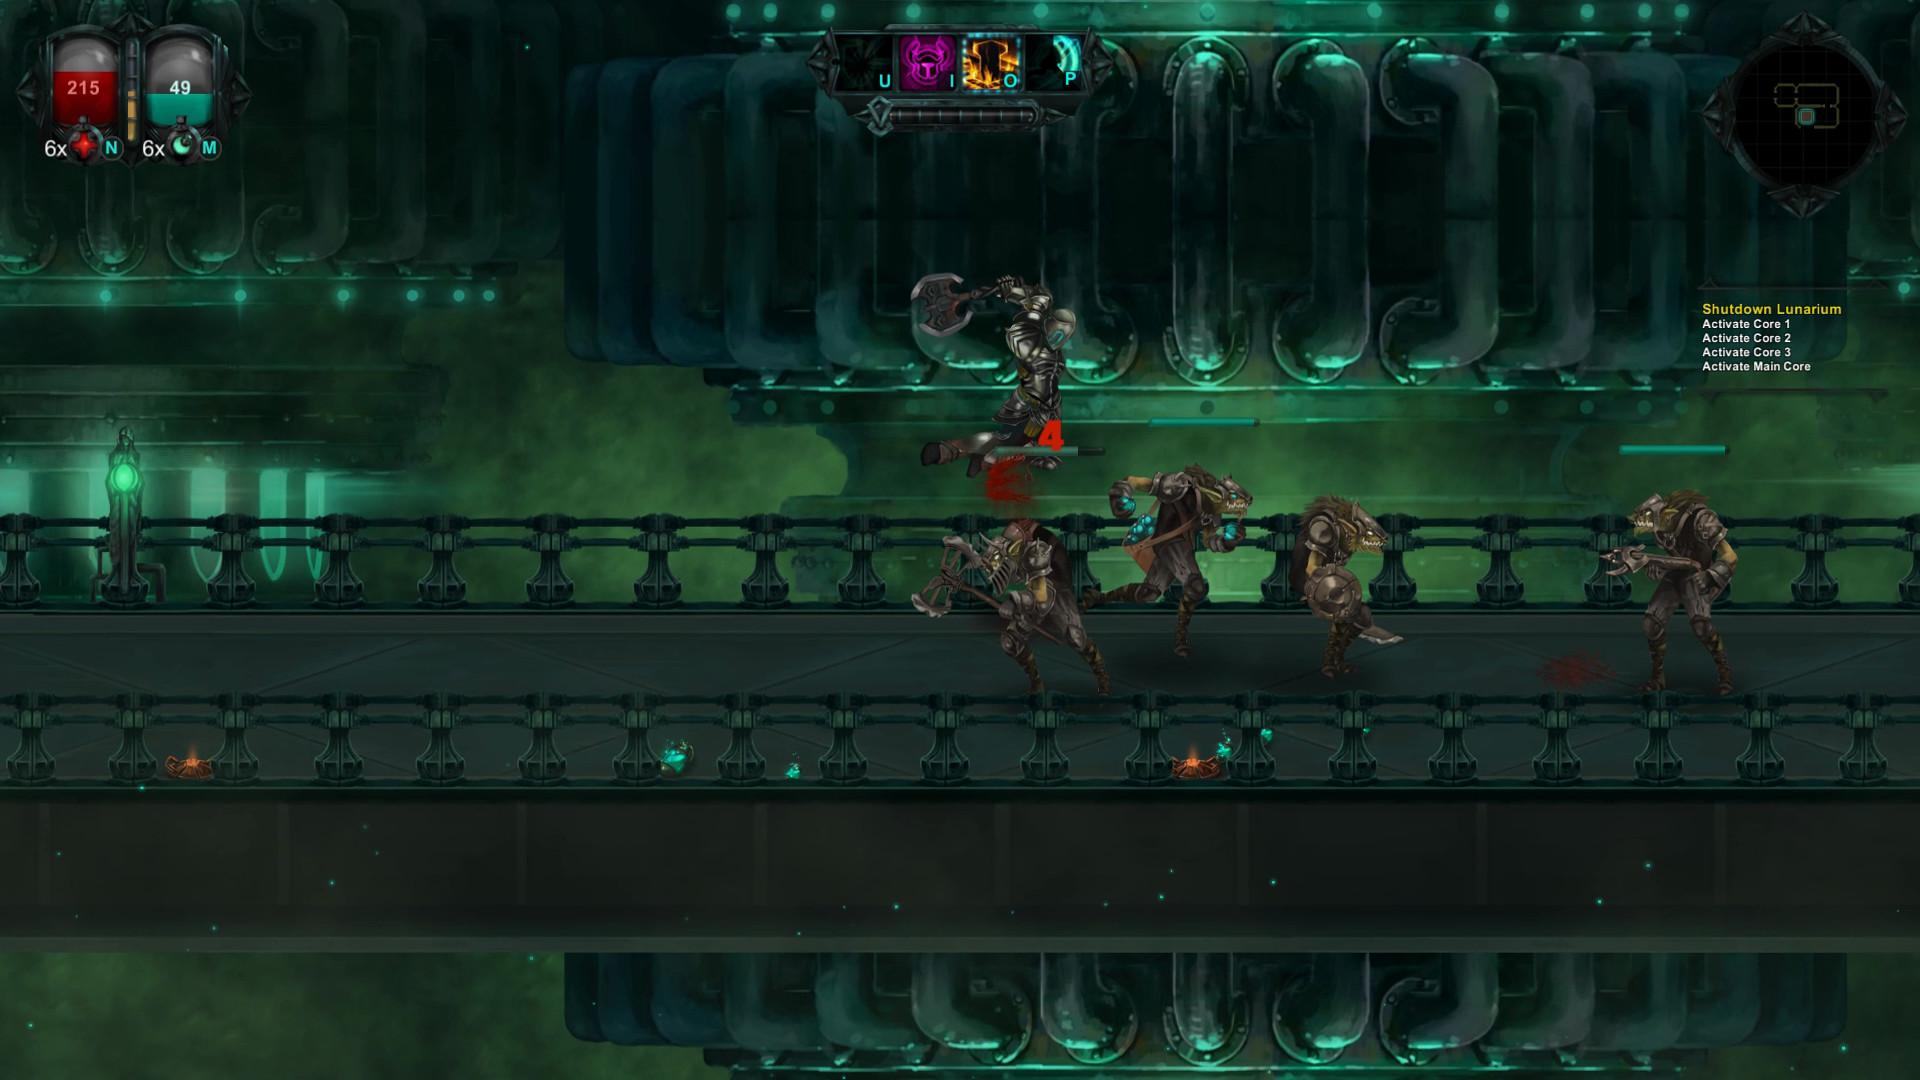 月光林地 游戏截图